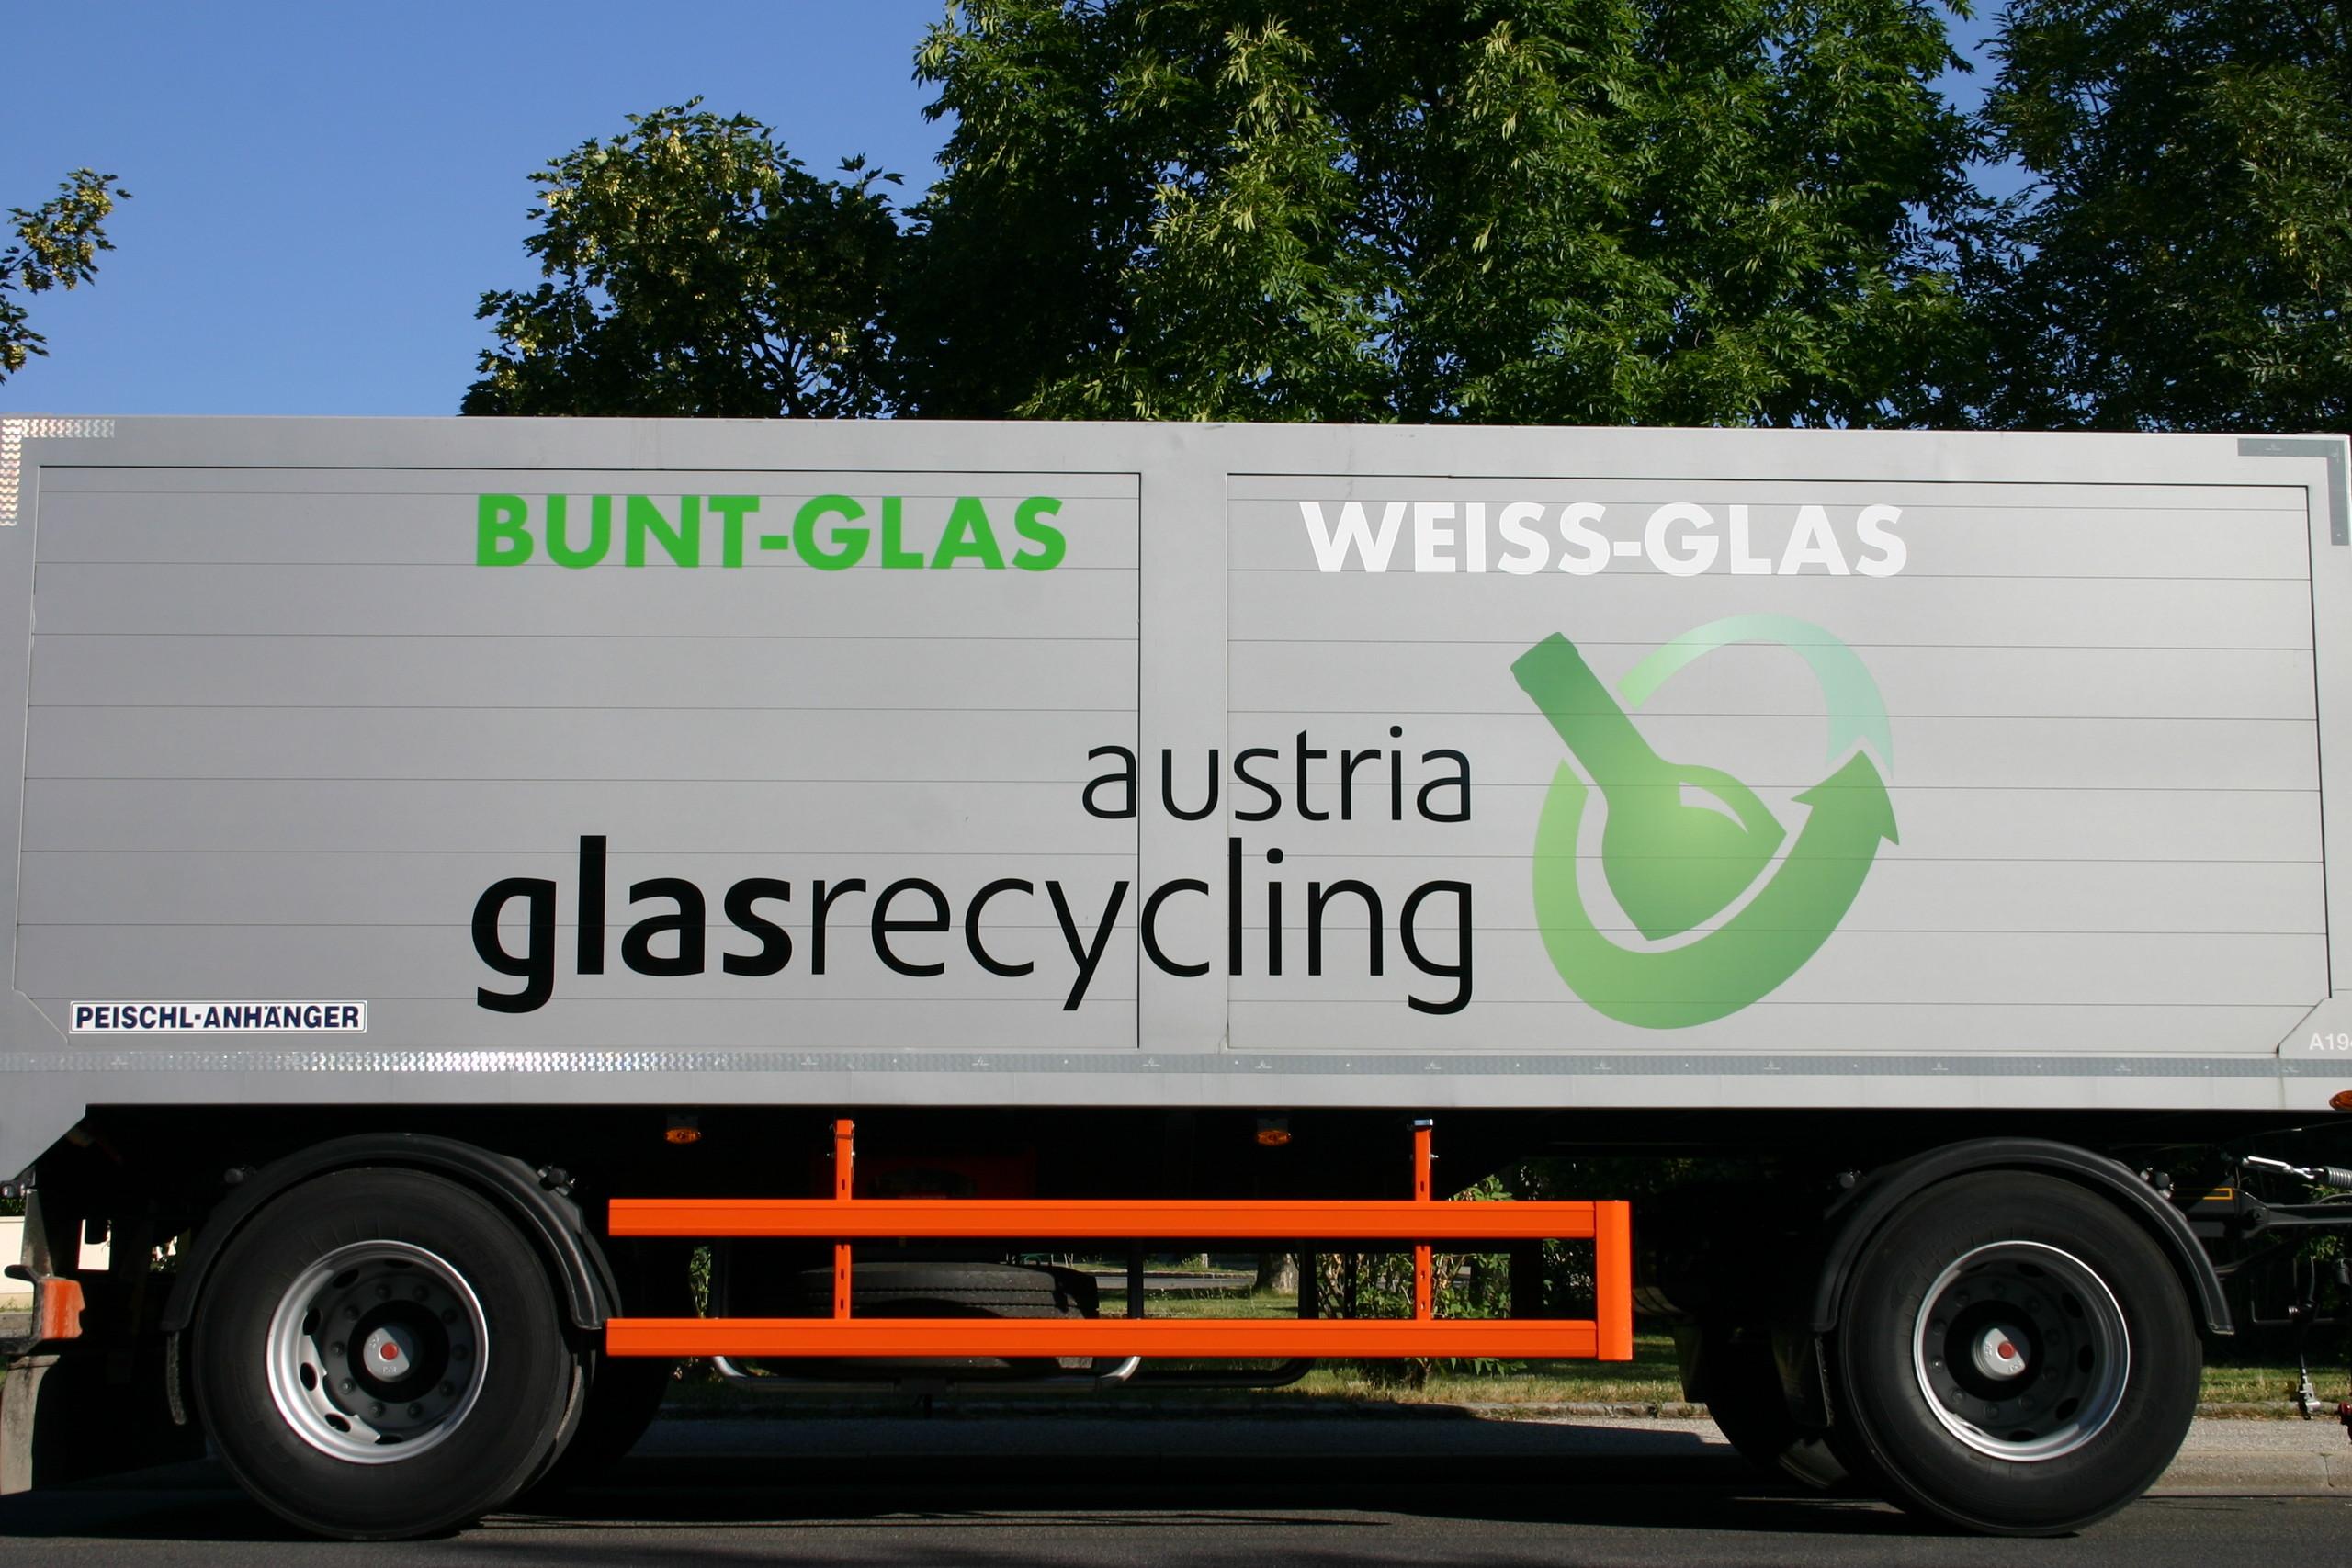 """Der Anhänger eines Glassammel-LKW mit der Beschriftung """"Buntglas"""" sowie """"Weißglas"""" und dem Logo der Austria Glas Recycling, einer grünen Flasche, die von einem grünen Pfeil umkreist wird."""